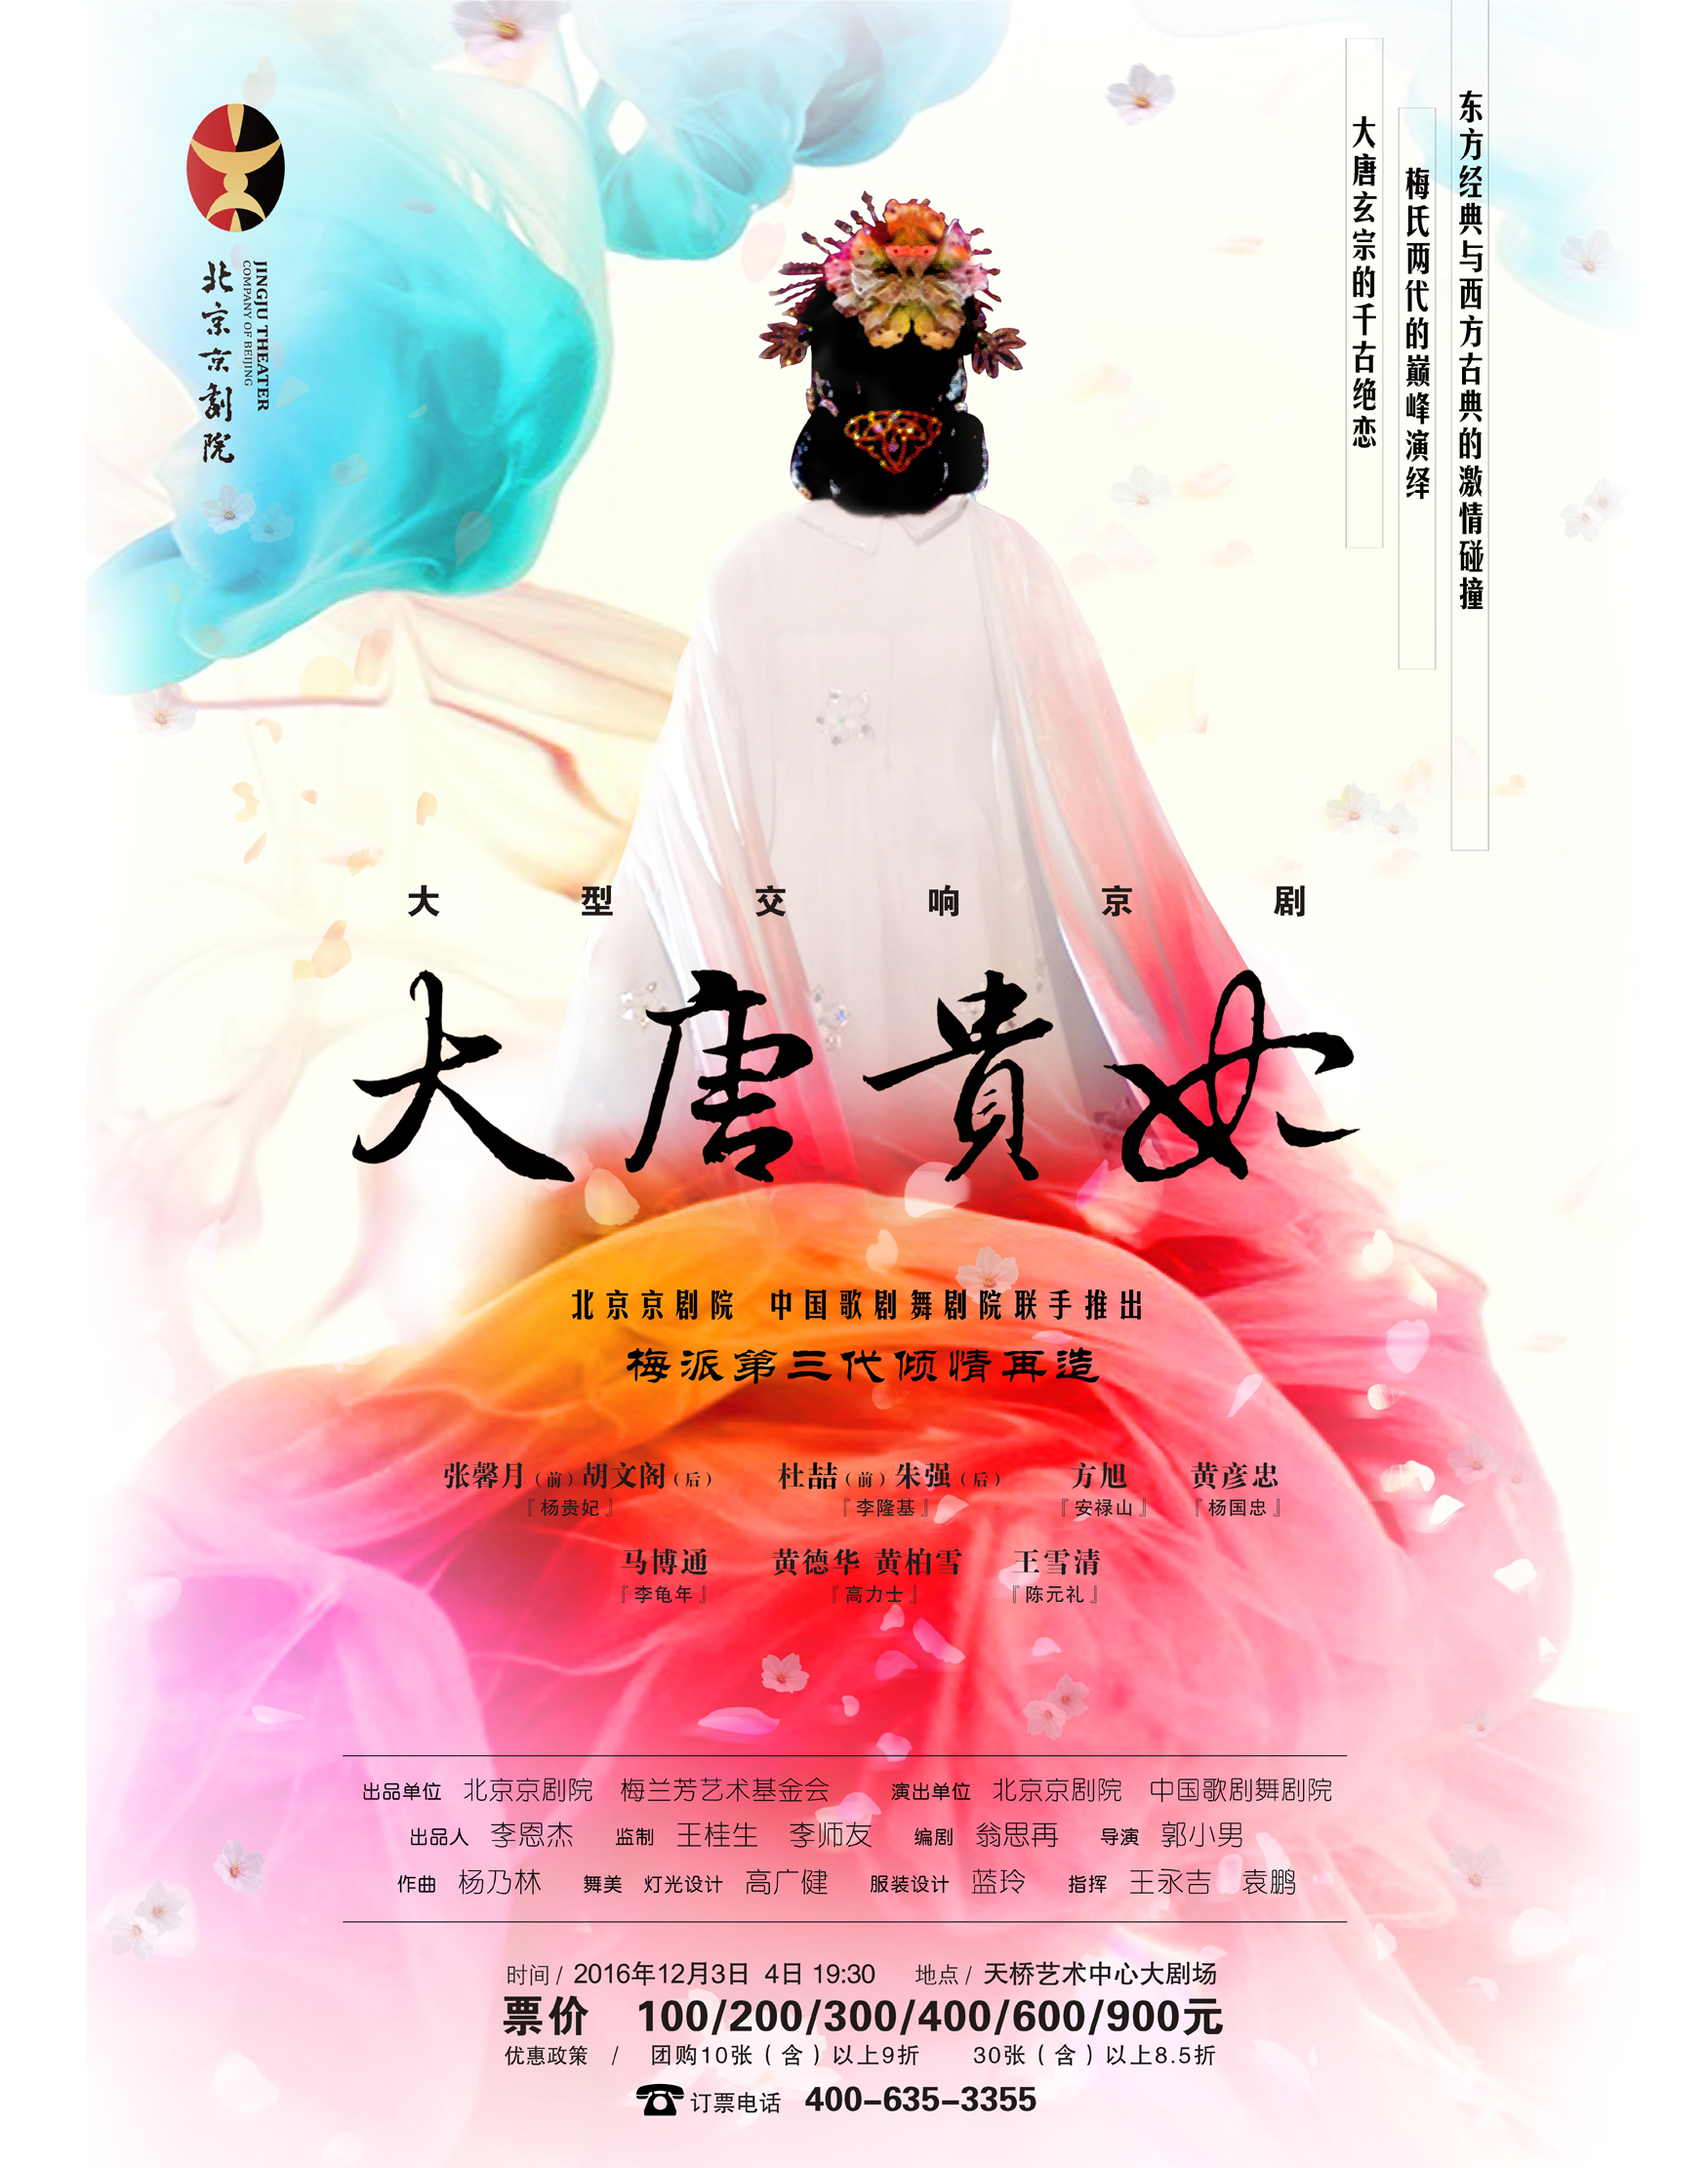 大型交响京剧《大唐贵妃》